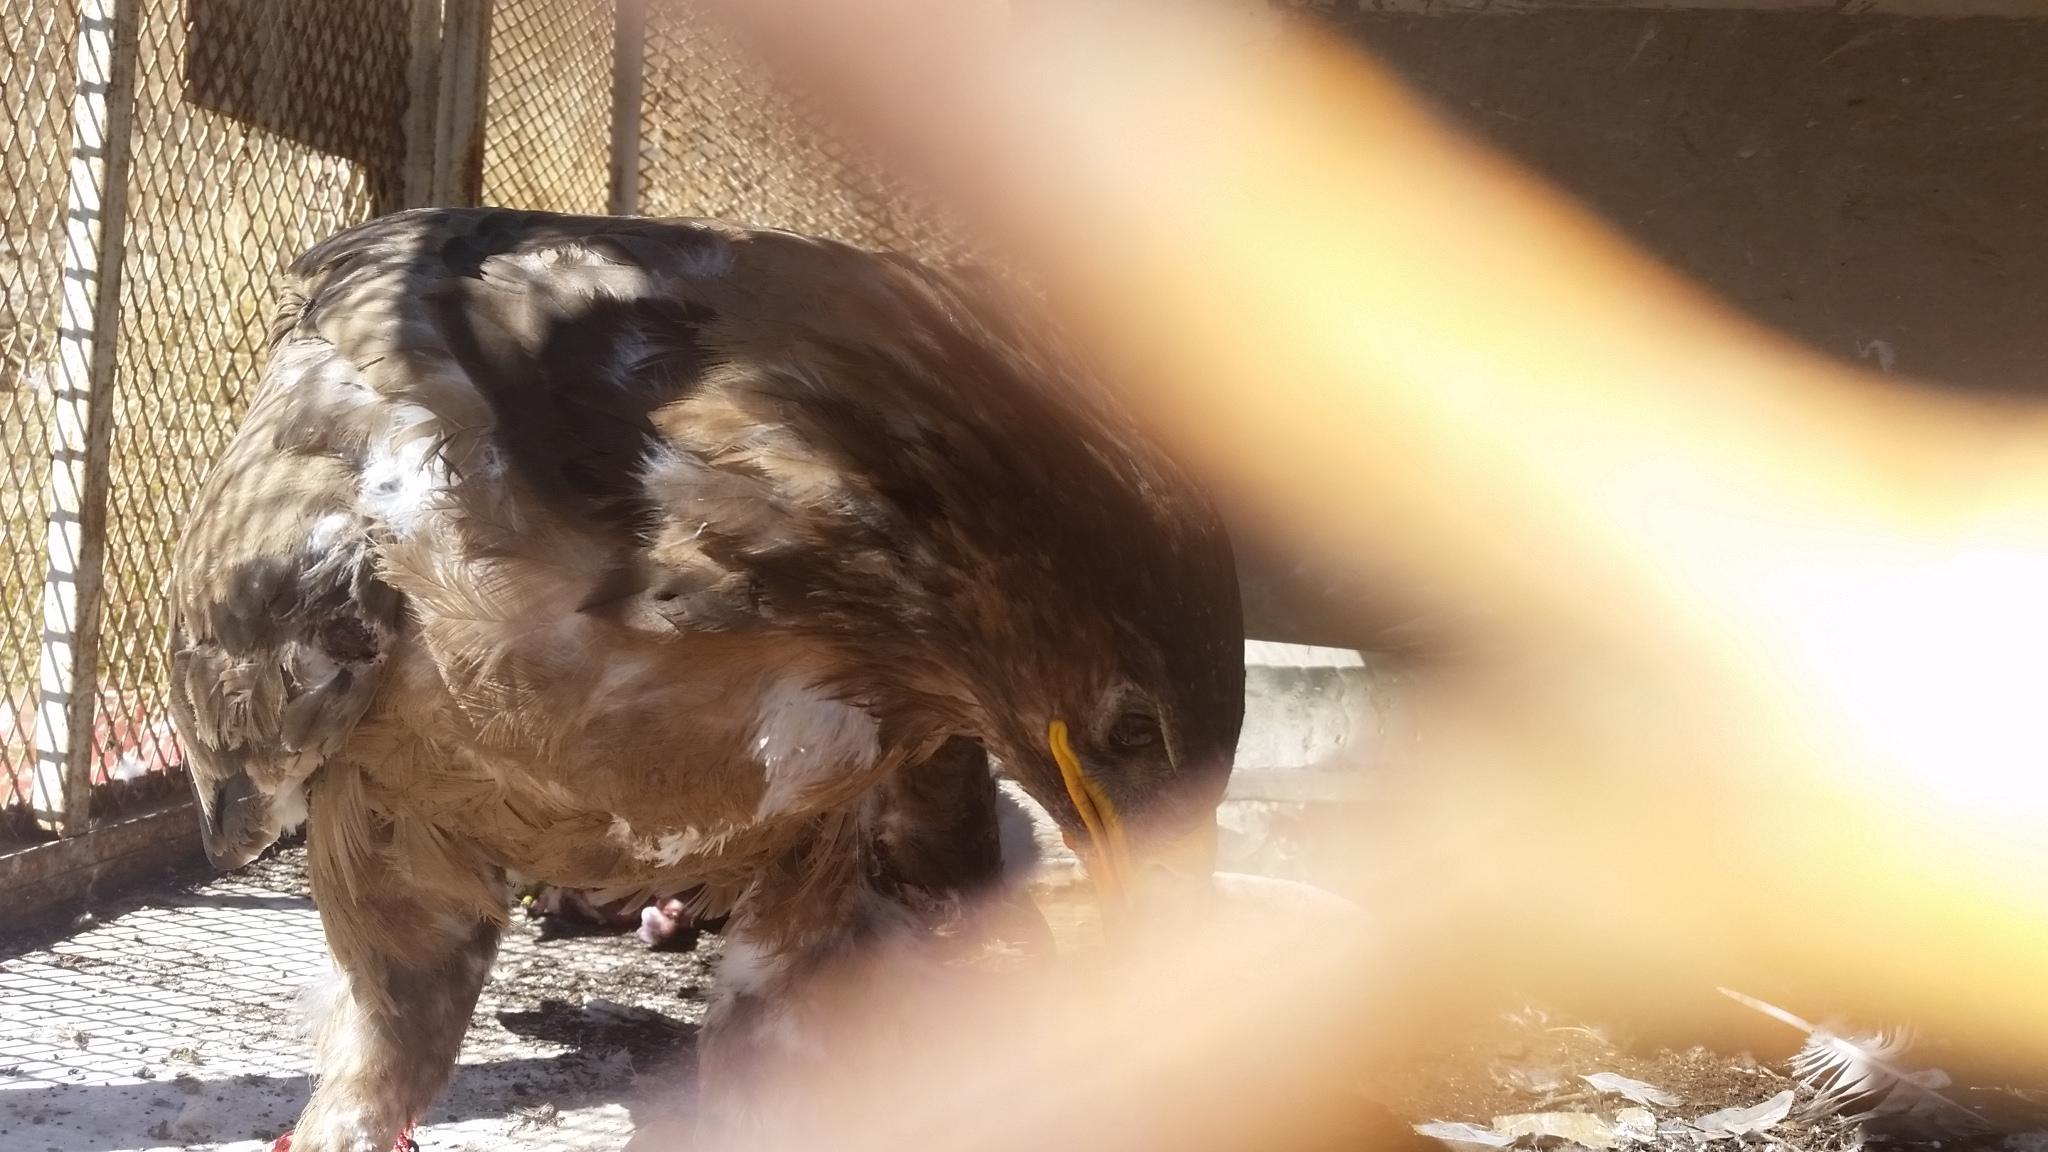 ibb zoo eagle eating 18 NOV 2018 by hisham for OWAP-AR food provider.jpg